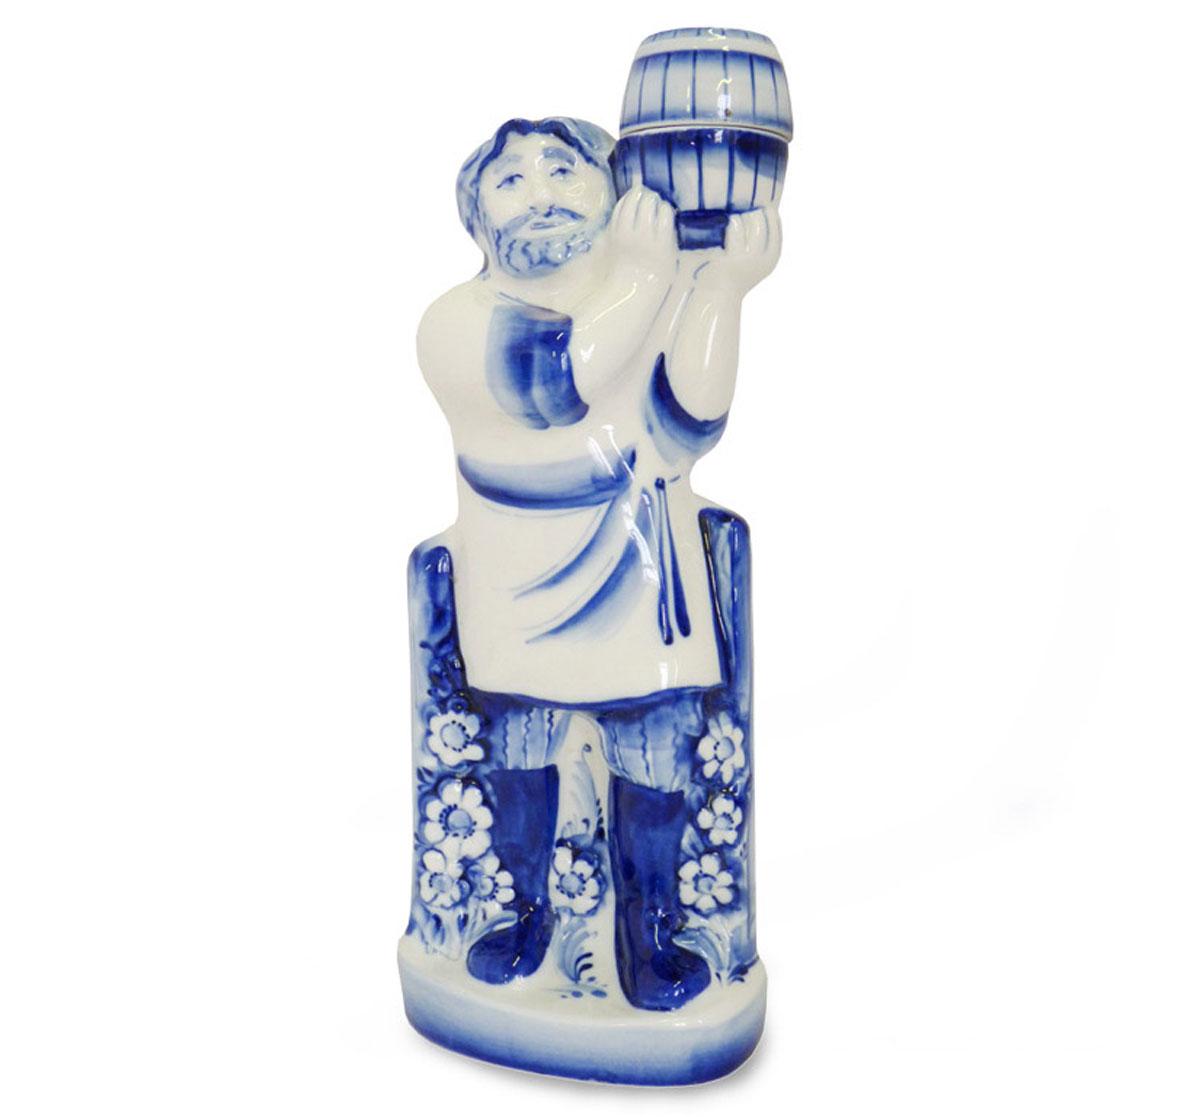 Штоф Пасечник, цвет: белый, синий, 1 л993100302Штоф Пасечник изготовлен из высококачественной керамики и предназначен для подачи виски или бренди. Изделие выполнено в виде мужчины с бочонком на плече и оформлено оригинальной росписью в технике гжель.Штоф Пасечник прекрасно оформит интерьер кабинета или гостиной, а также станет прекрасным украшением стола. Уважаемые клиенты! Обращаем ваше внимание, что роспись на изделие сделана вручную. Рисунок может немного отличаться от изображения на фотографии. Высота (с учетом крышки): 30 см. Размер штофа без учета крышки: 12 х 9 х 29 см. Диаметр горлышка: 1,7 см.